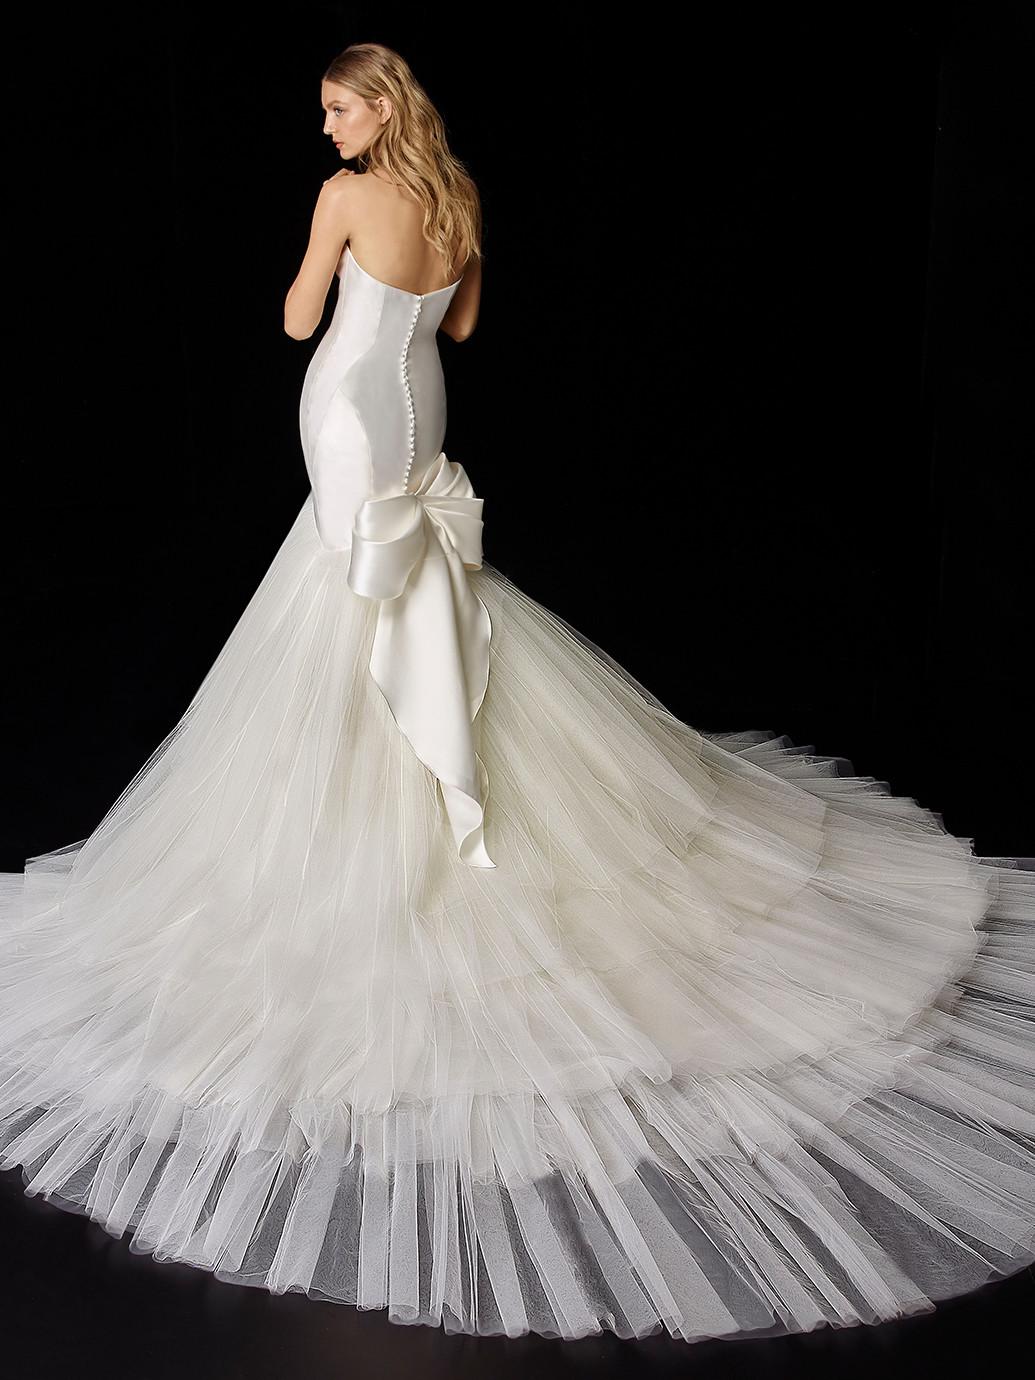 Weißes Hochzeitskleid mit abnehmbarer Schleppe und Schleife von Enzoani, Modell Persephone